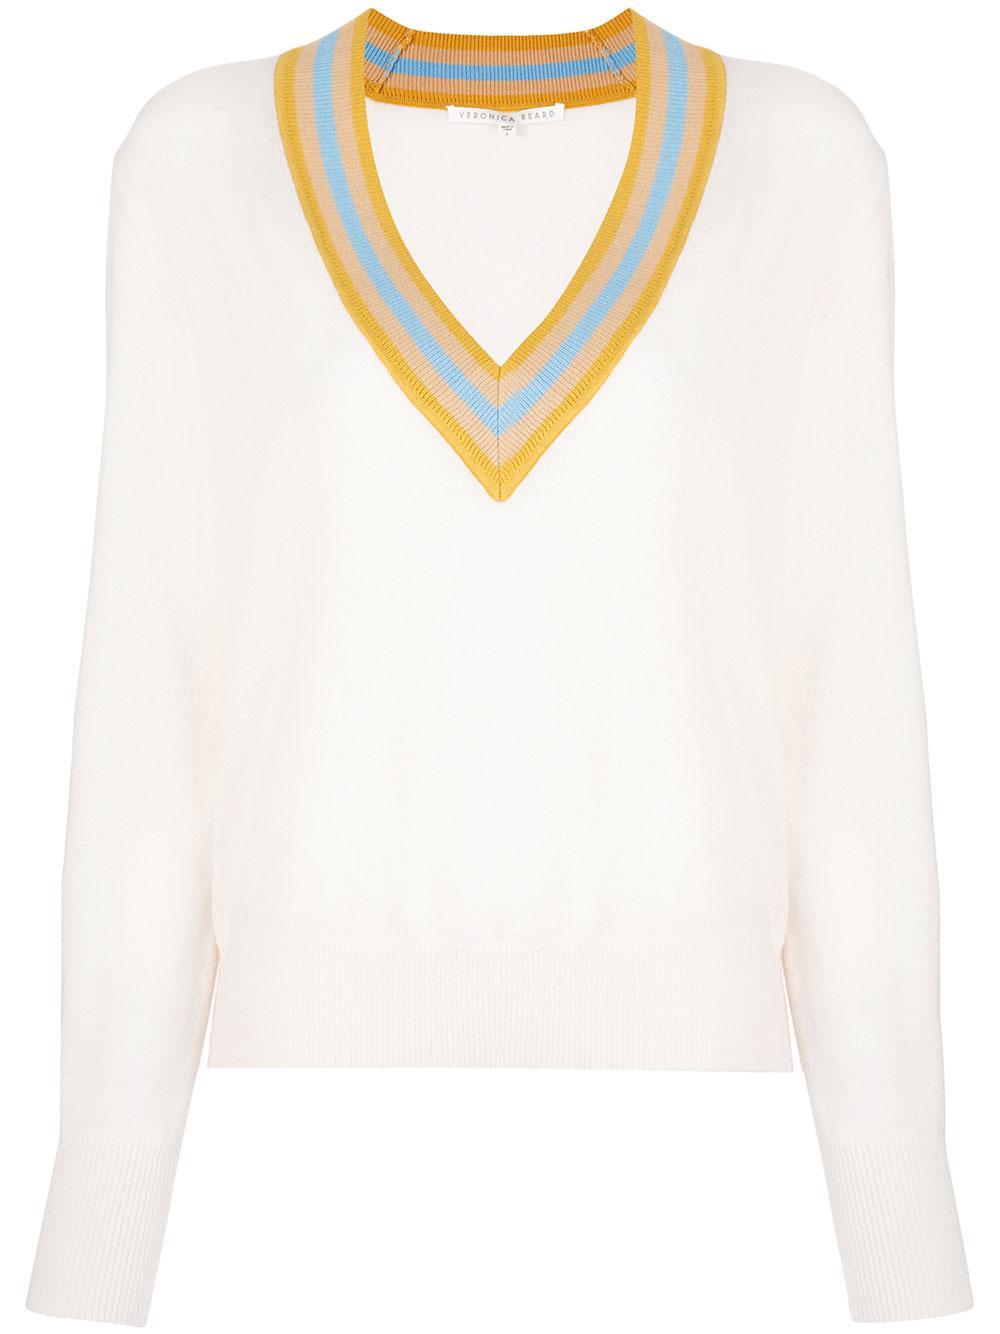 Jessel Long Sleeve V- Neck Sweater Item # 1911KN4119389